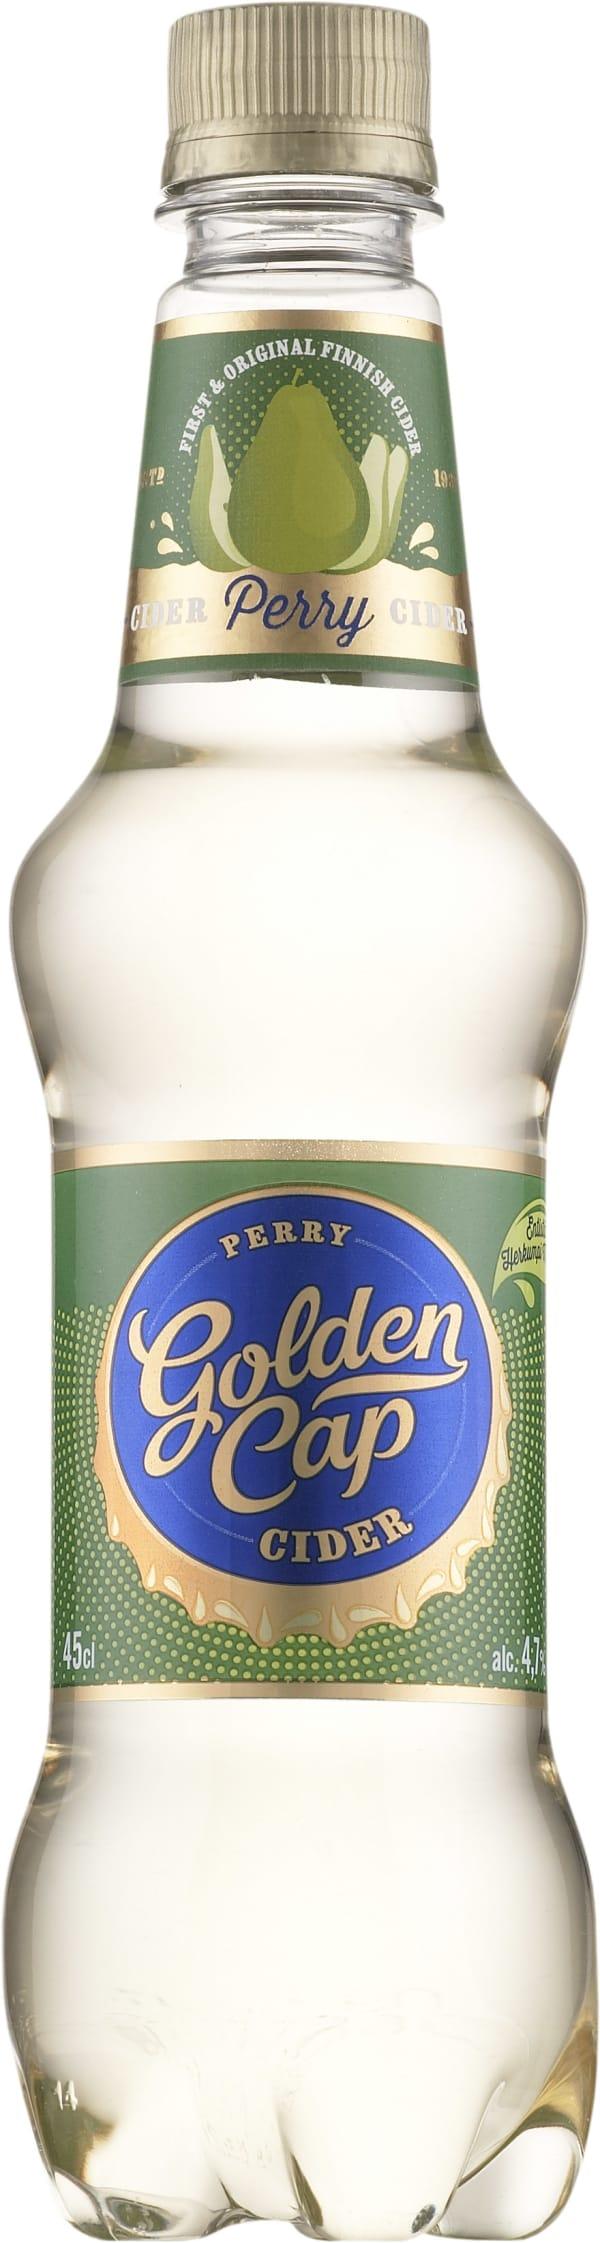 Golden Cap Perry  plastflaska